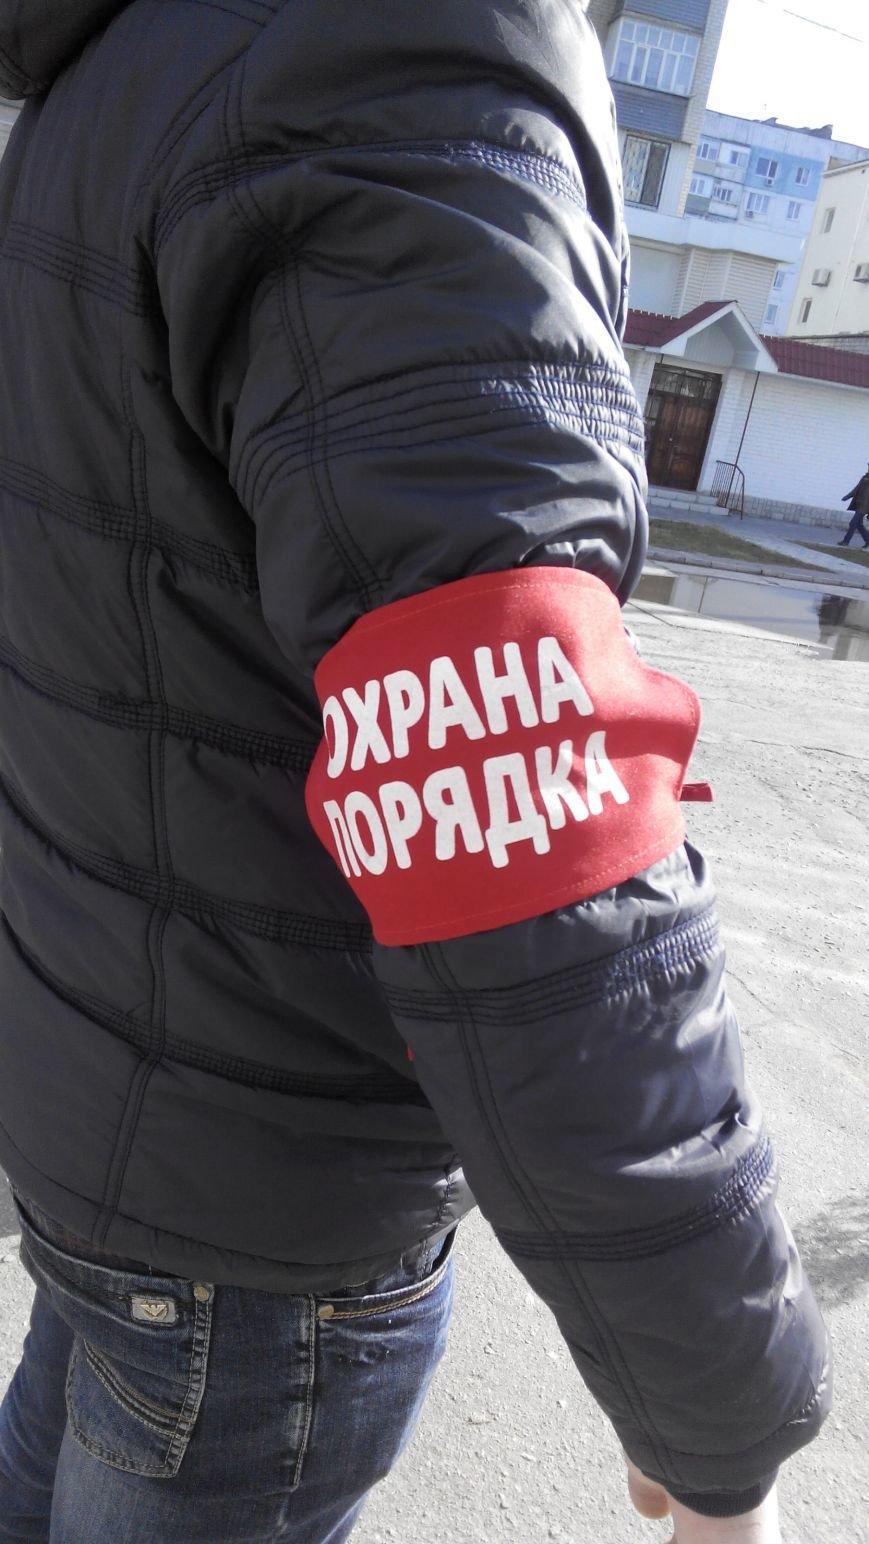 В Мелитополе на избирательных участках появилась подозрительная «Охрана порядка»,  - ФОТО (фото) - фото 1